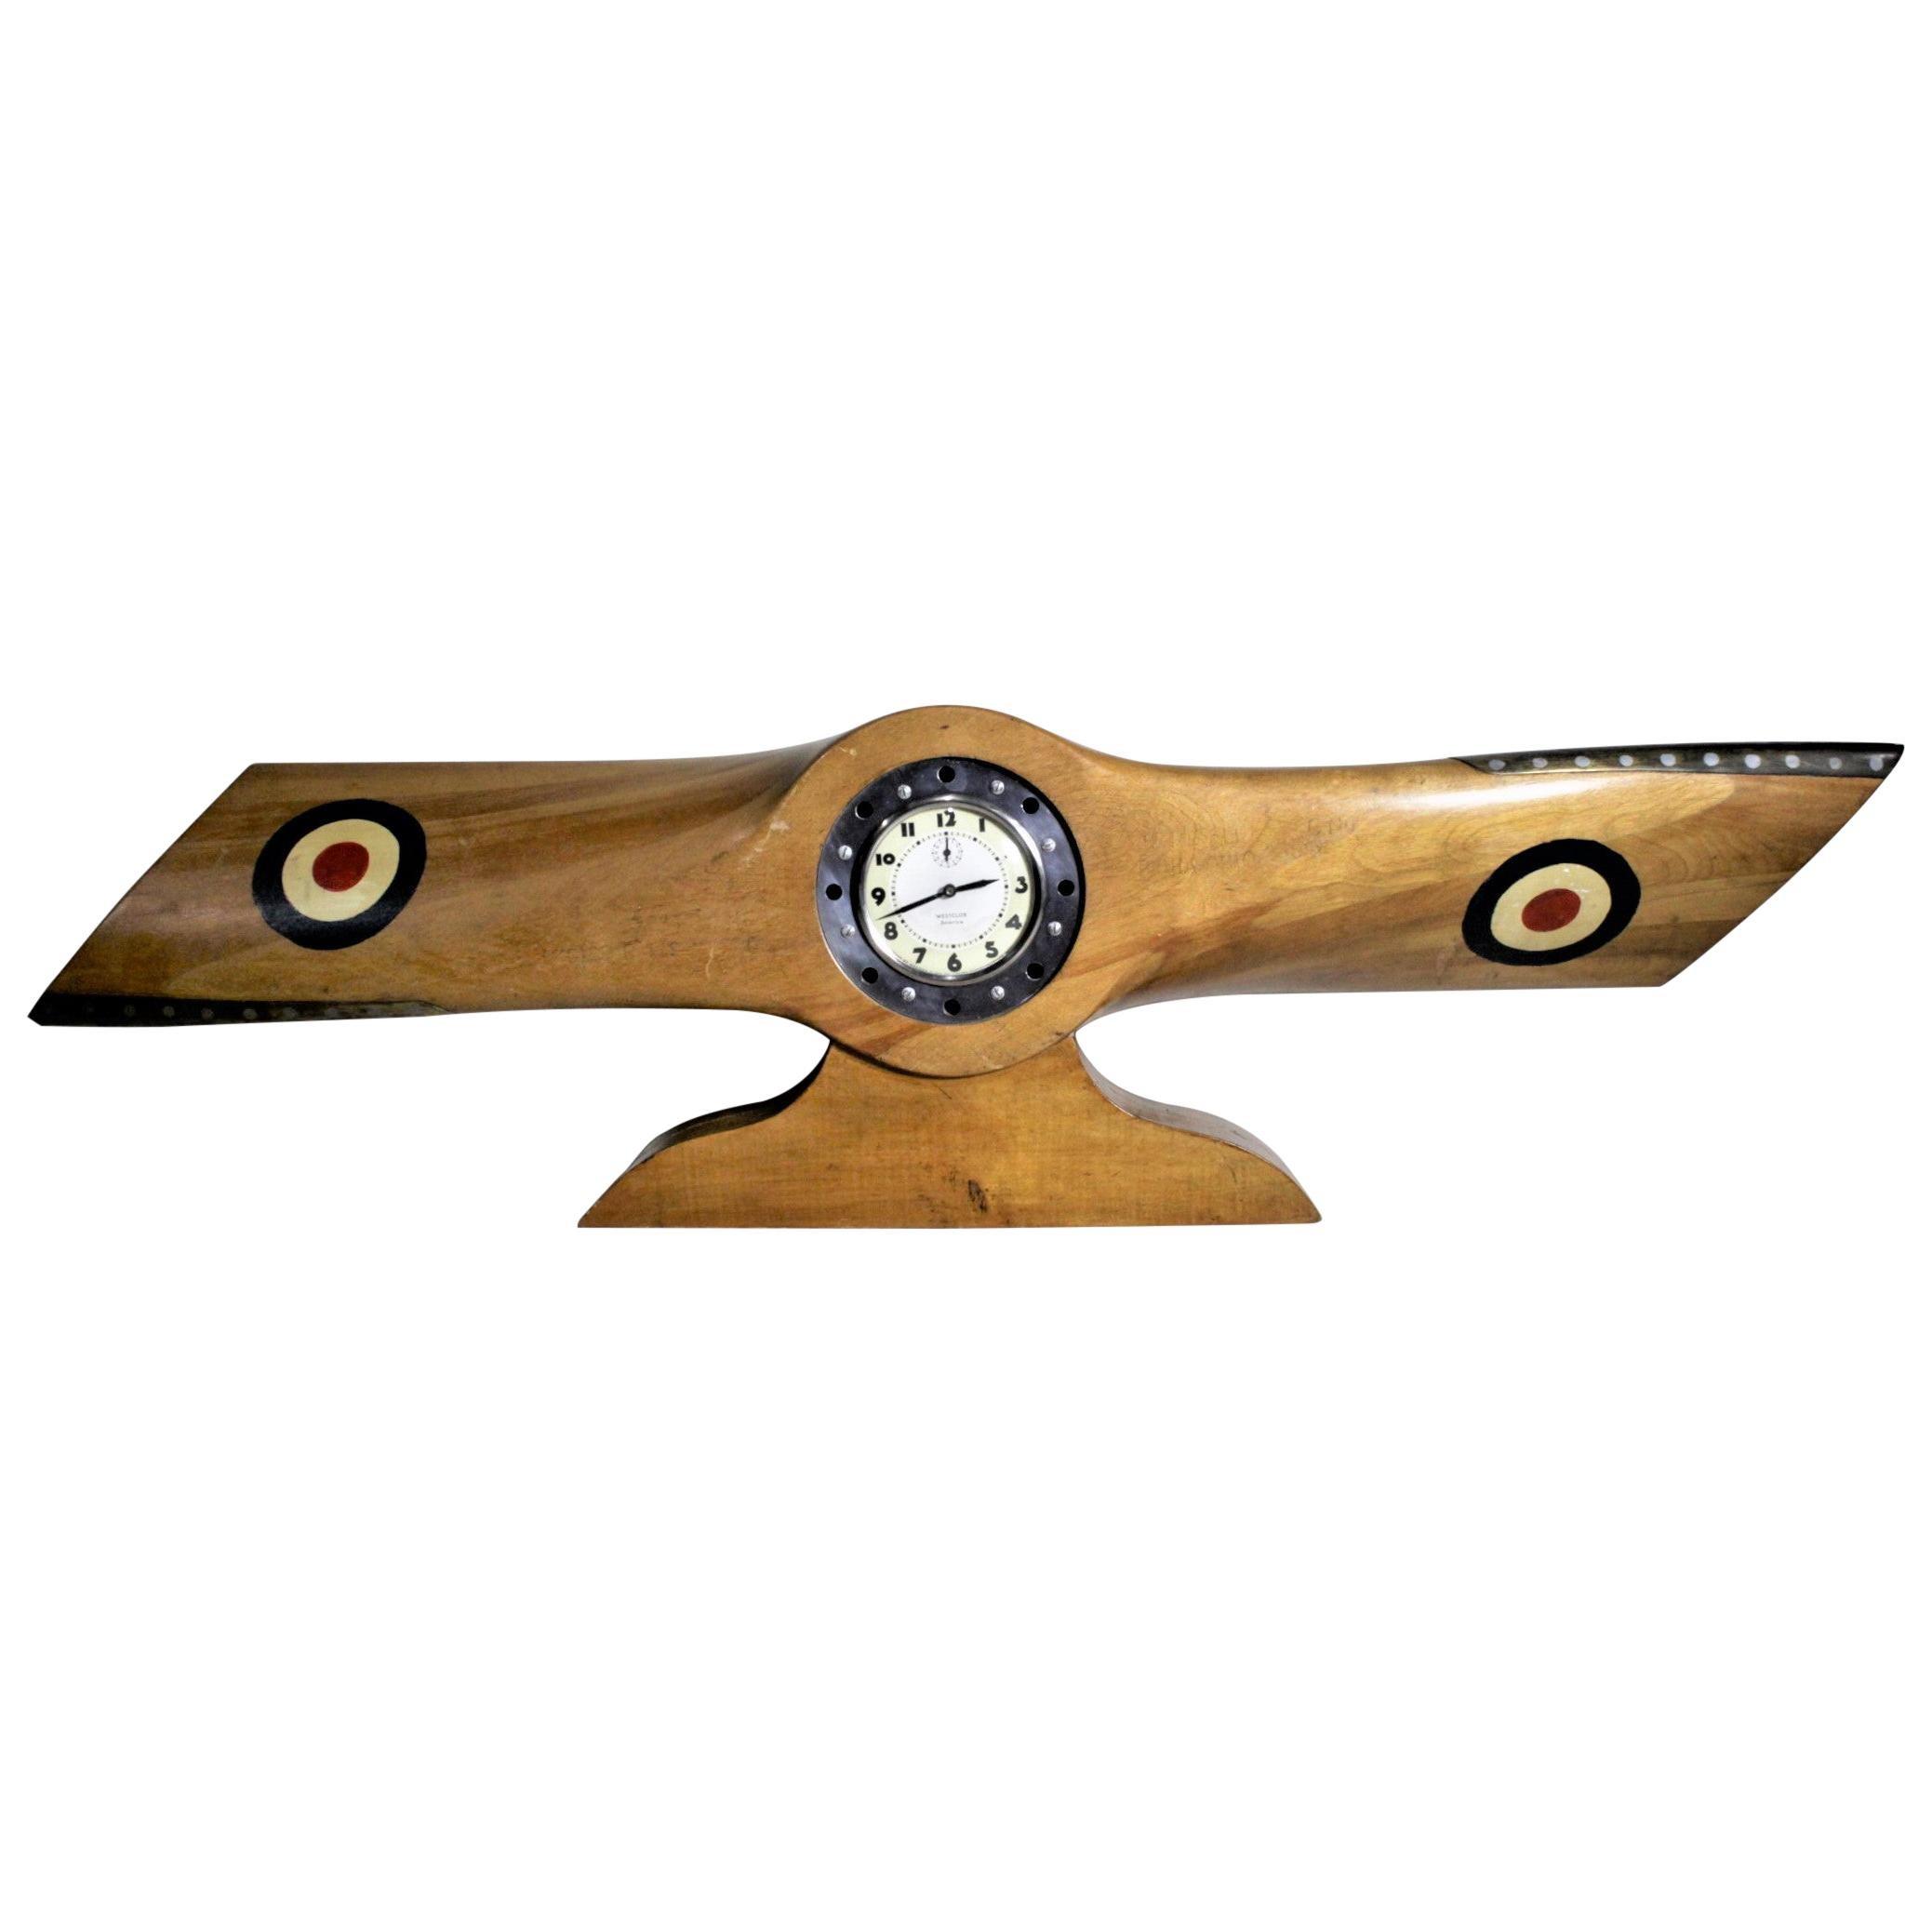 World War 2 / WWII Era Wooden Airplane Propeller Folk Art Mantel Clock